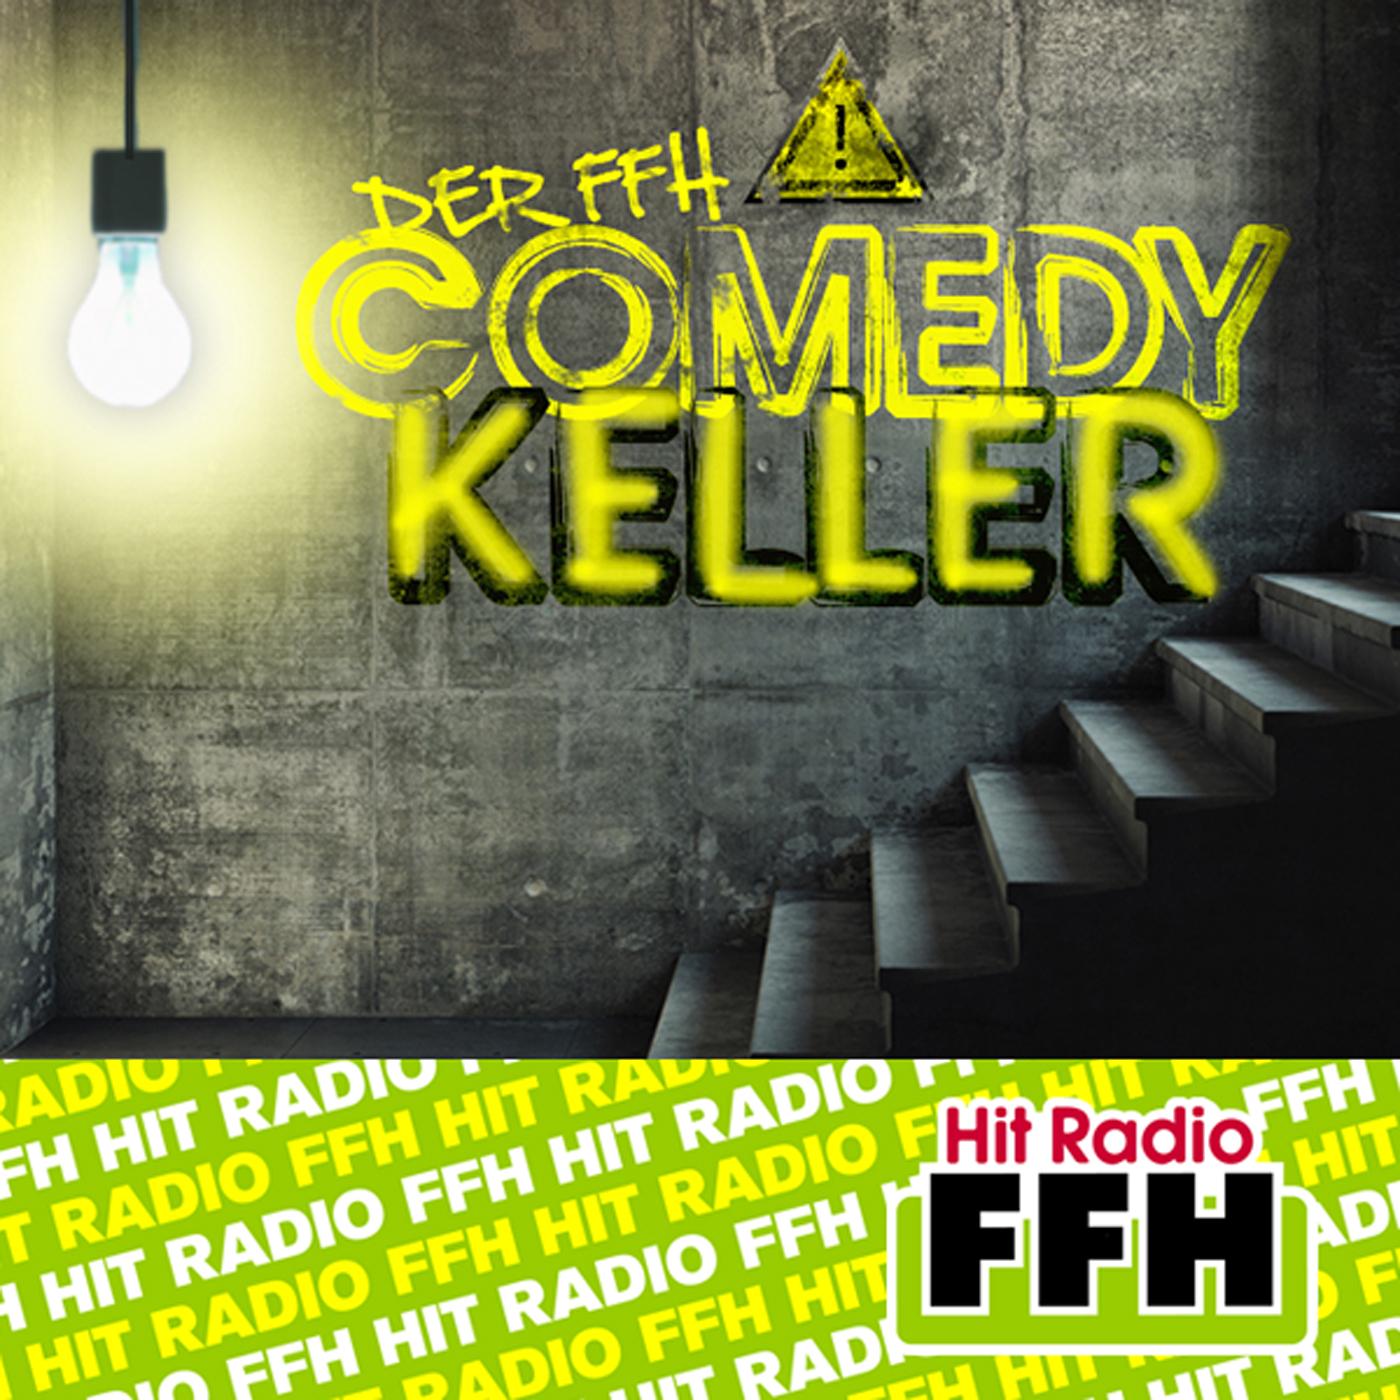 <![CDATA[Der FFH-Comedykeller]]>